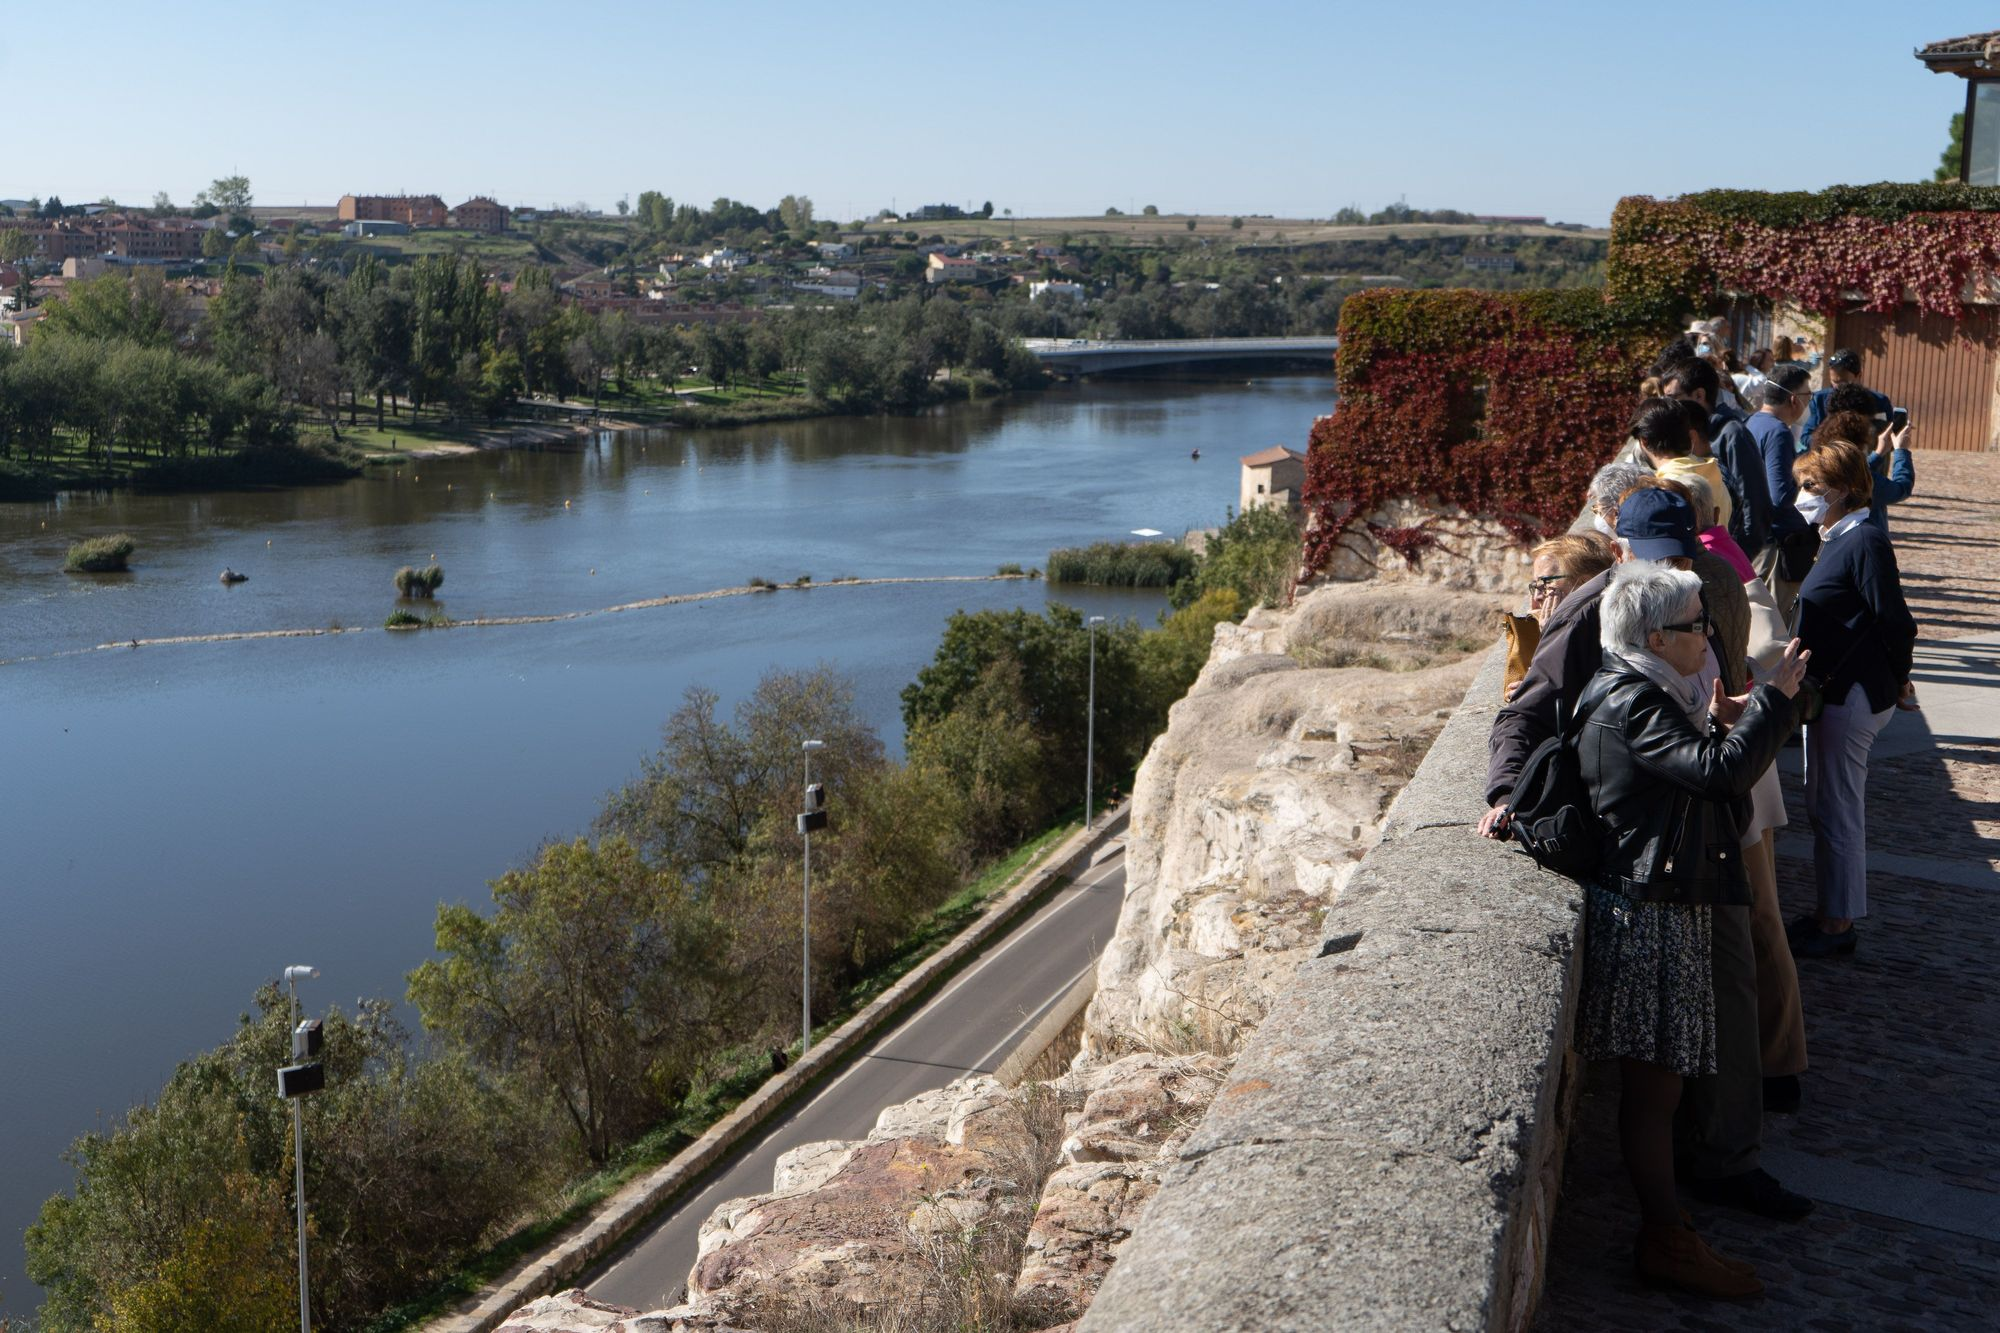 GALERÍA   Los turistas devuelven a Zamora durante el puente del Pilar el aspecto previo a la pandemia